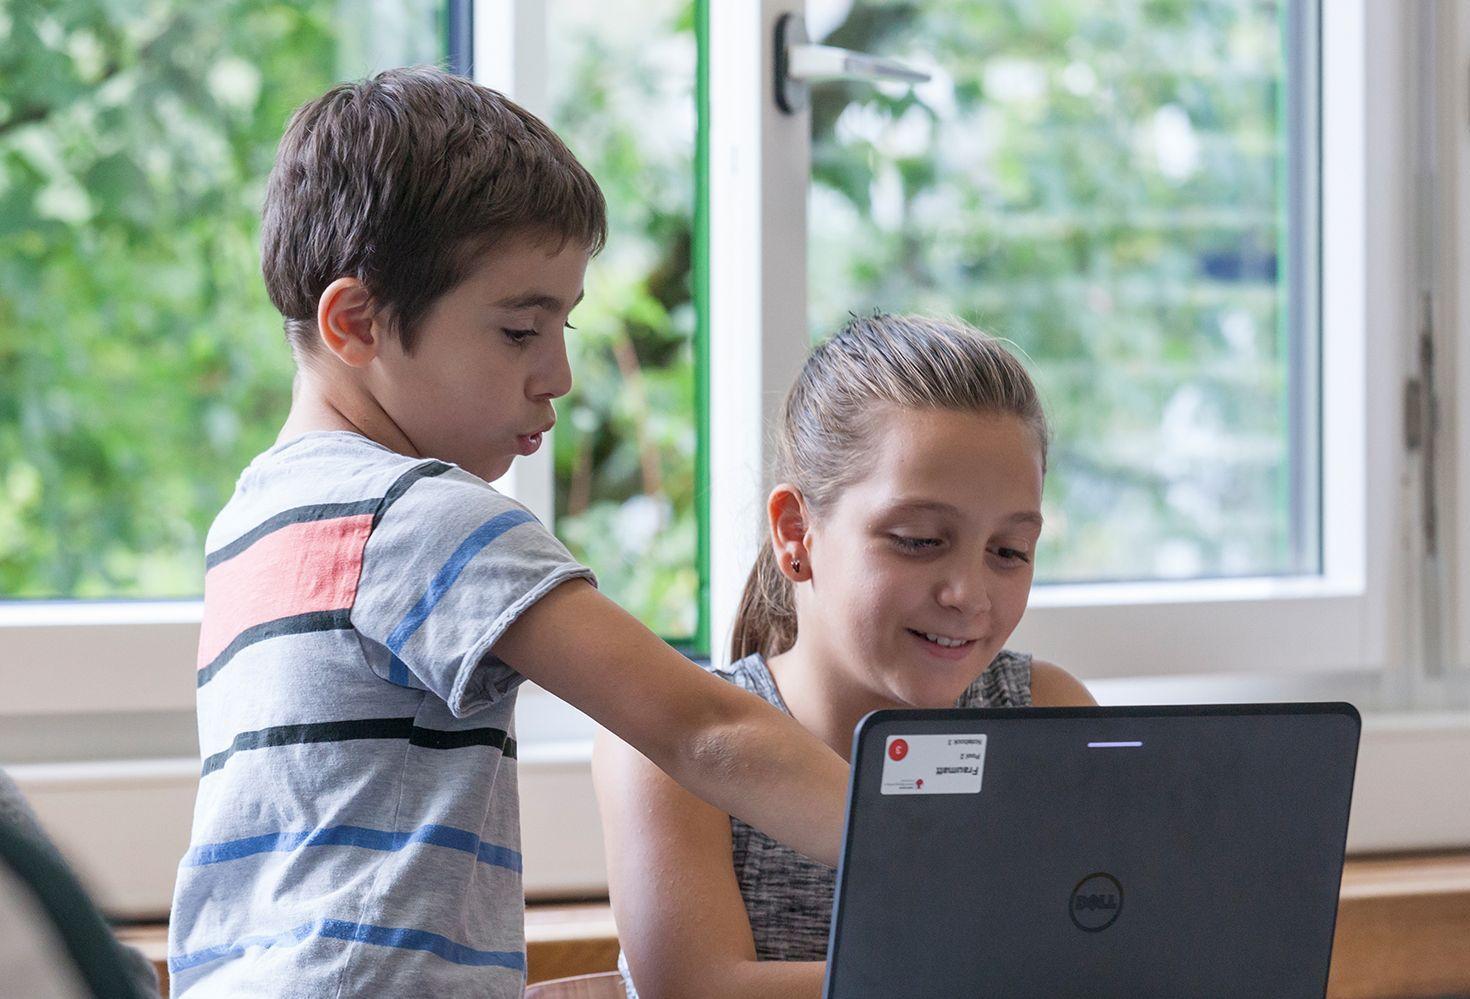 Der Klassenunterricht umfasst 20 Lektionen, die in der Regel auf 10 Wochen je 2 Lektionen verteilt werden.